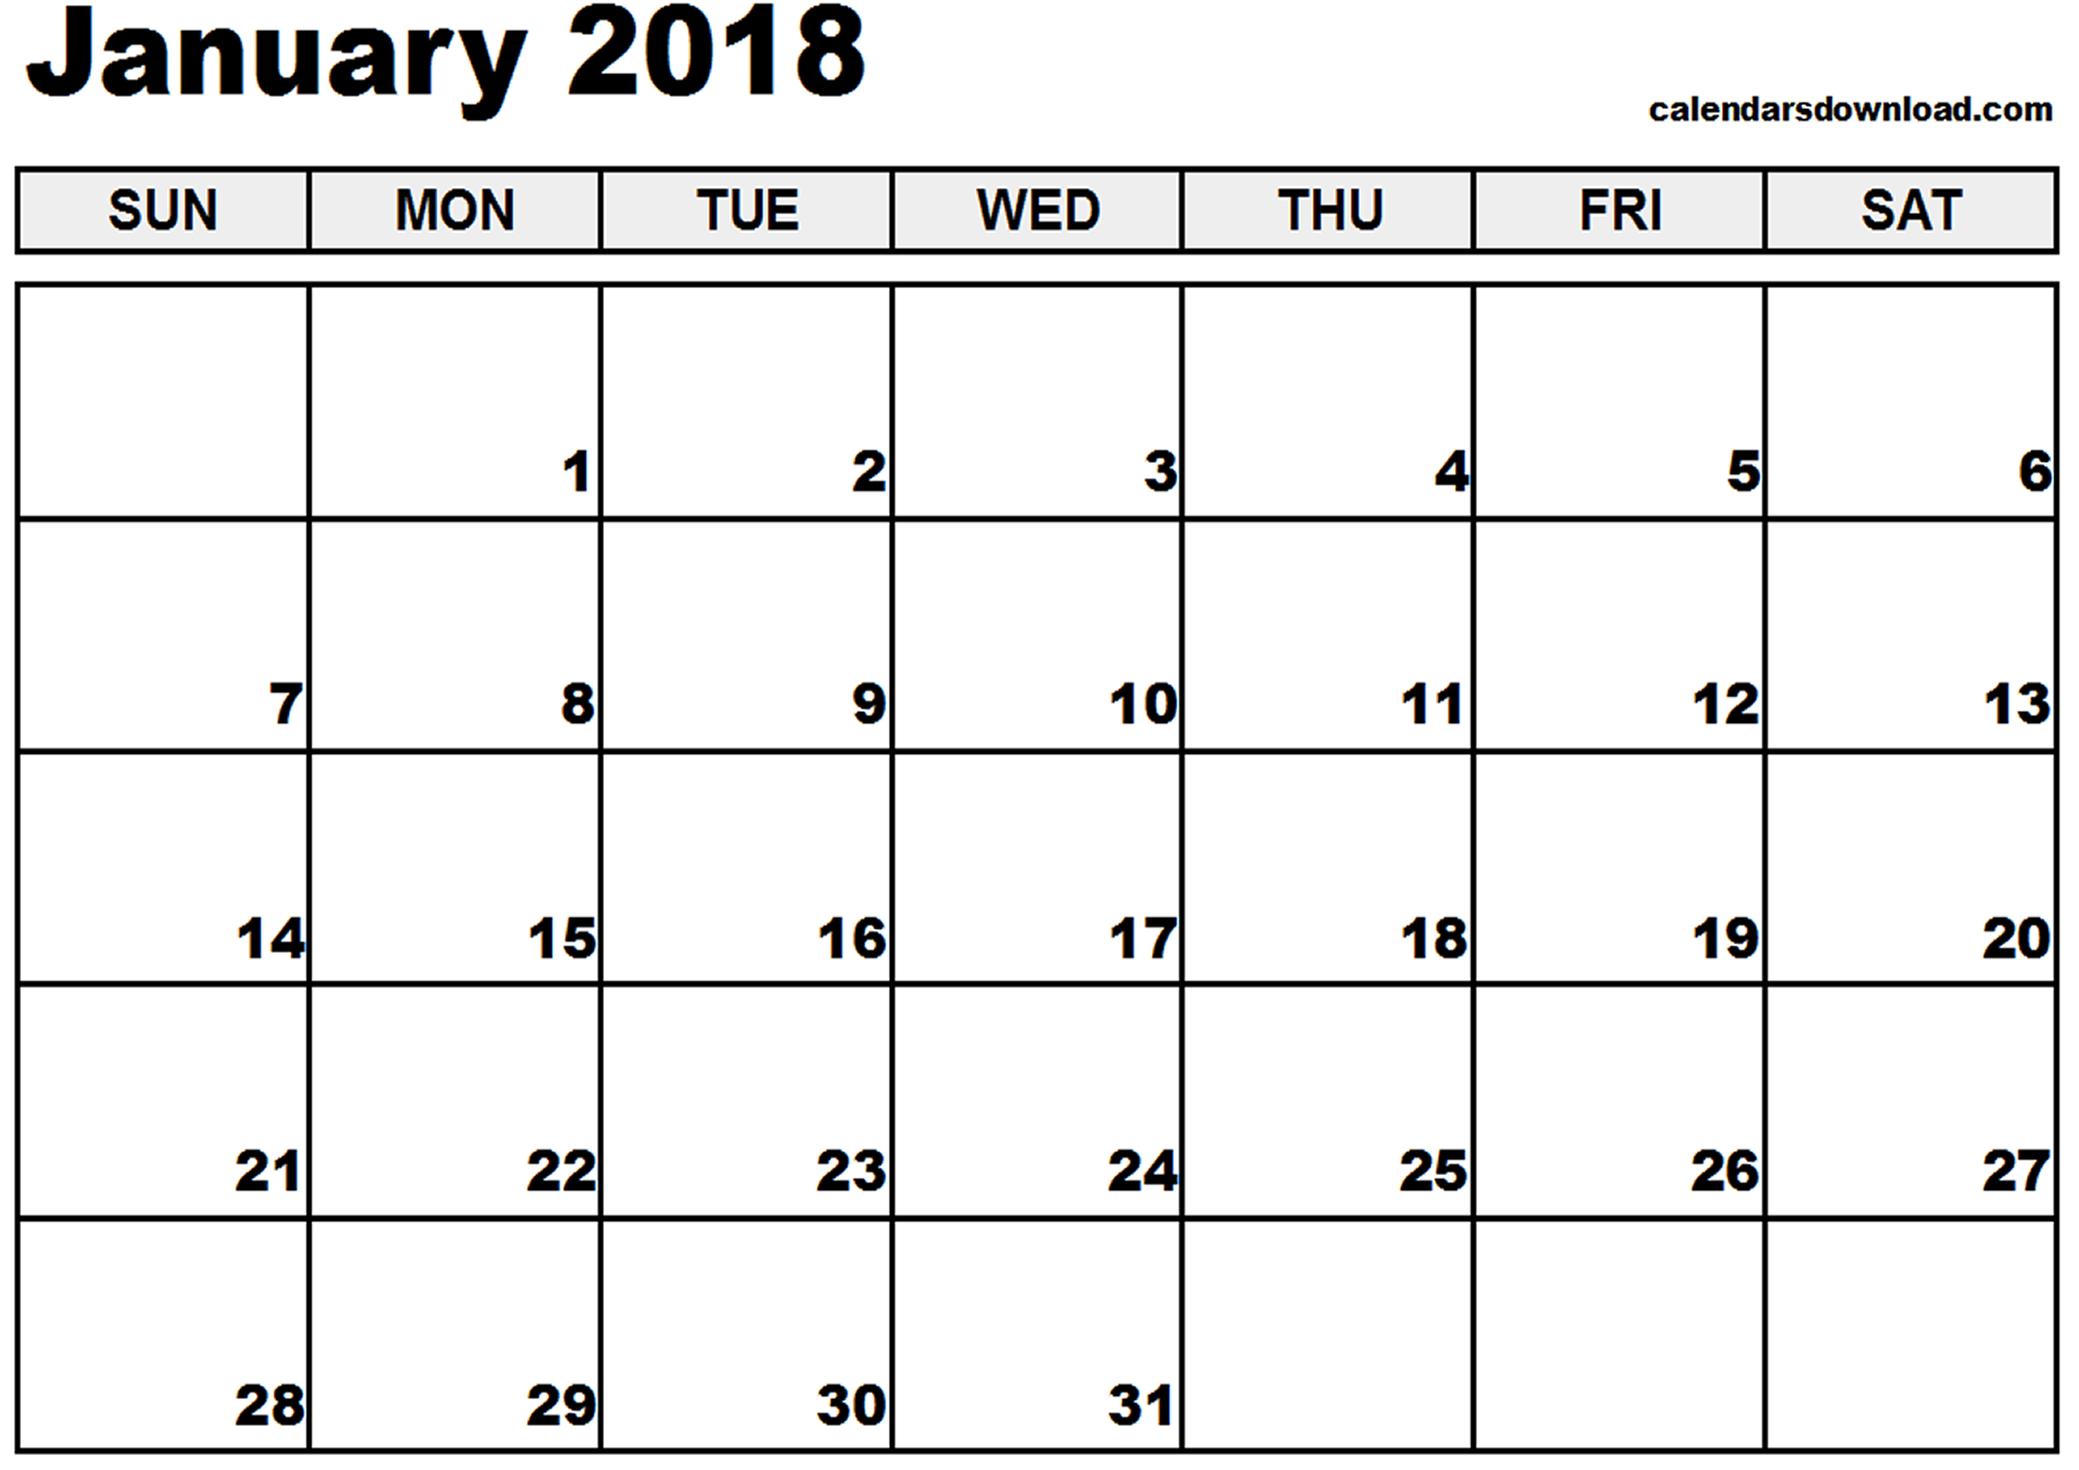 January 2018 Calendar Printable | 2017 calendar with holidays